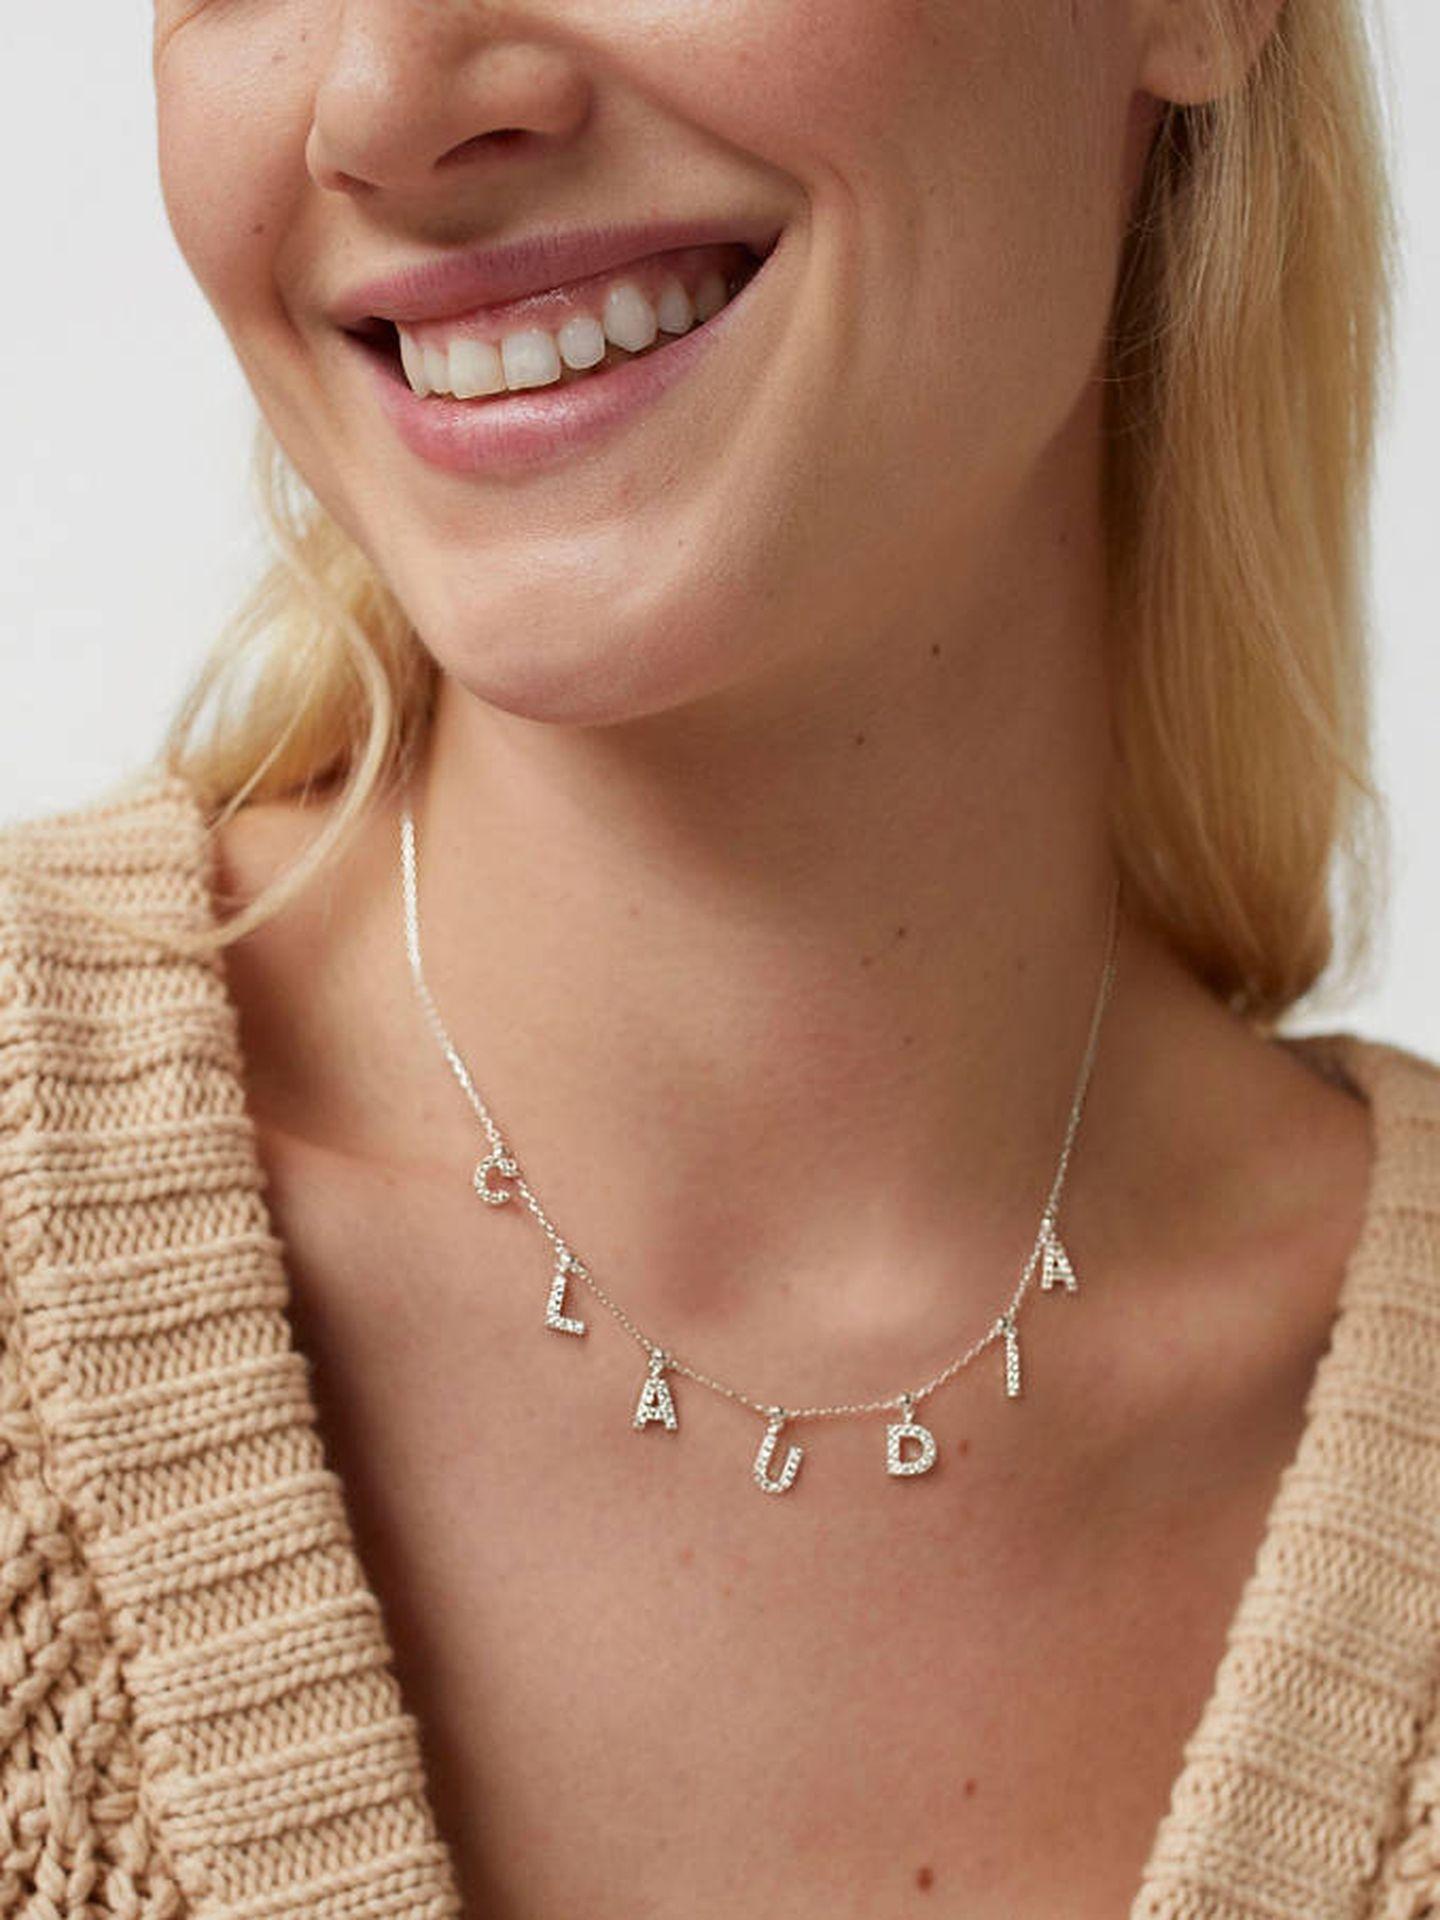 Los collares personalizados de Parfois. (Cortesía)